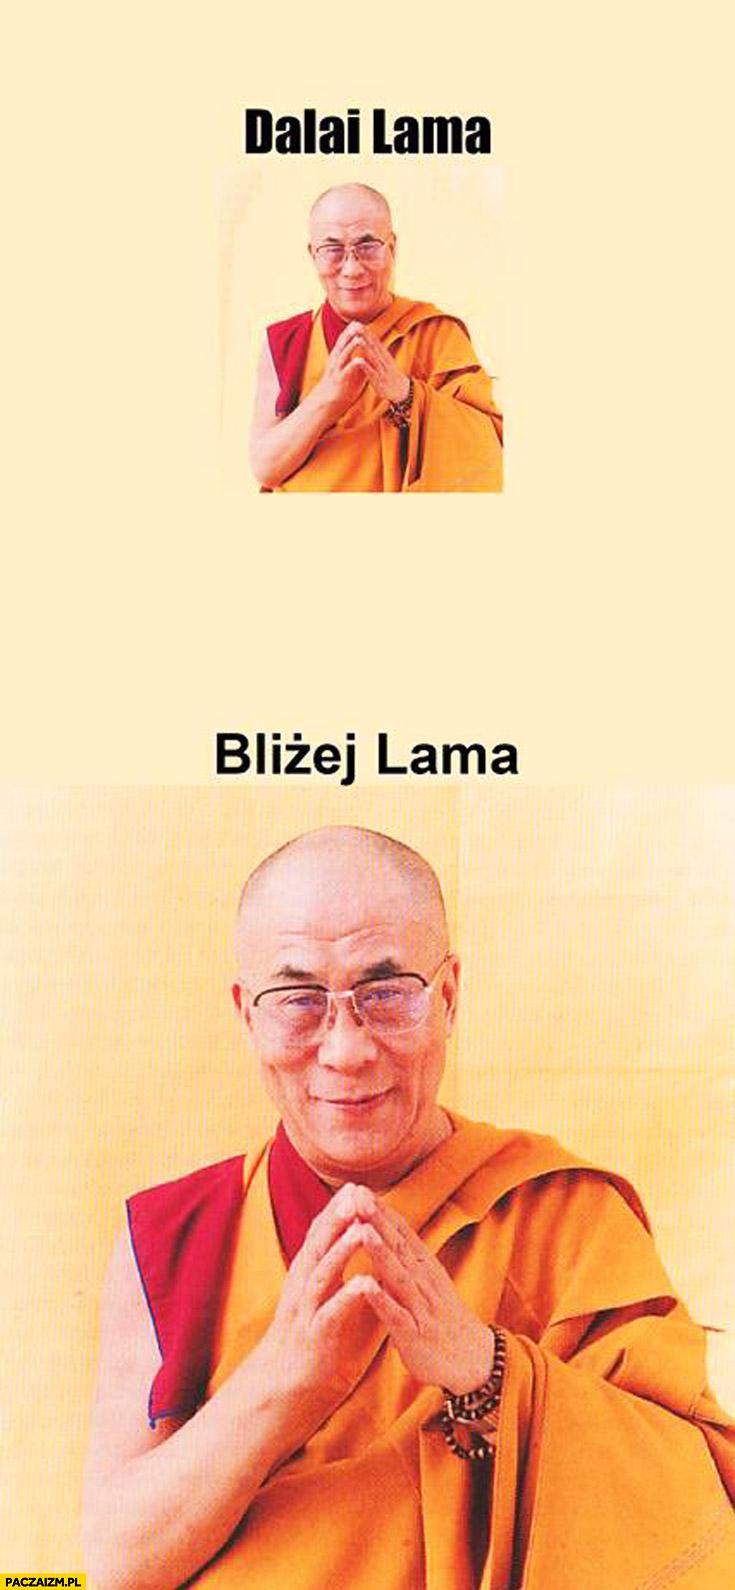 Dalai lama bliżej lama